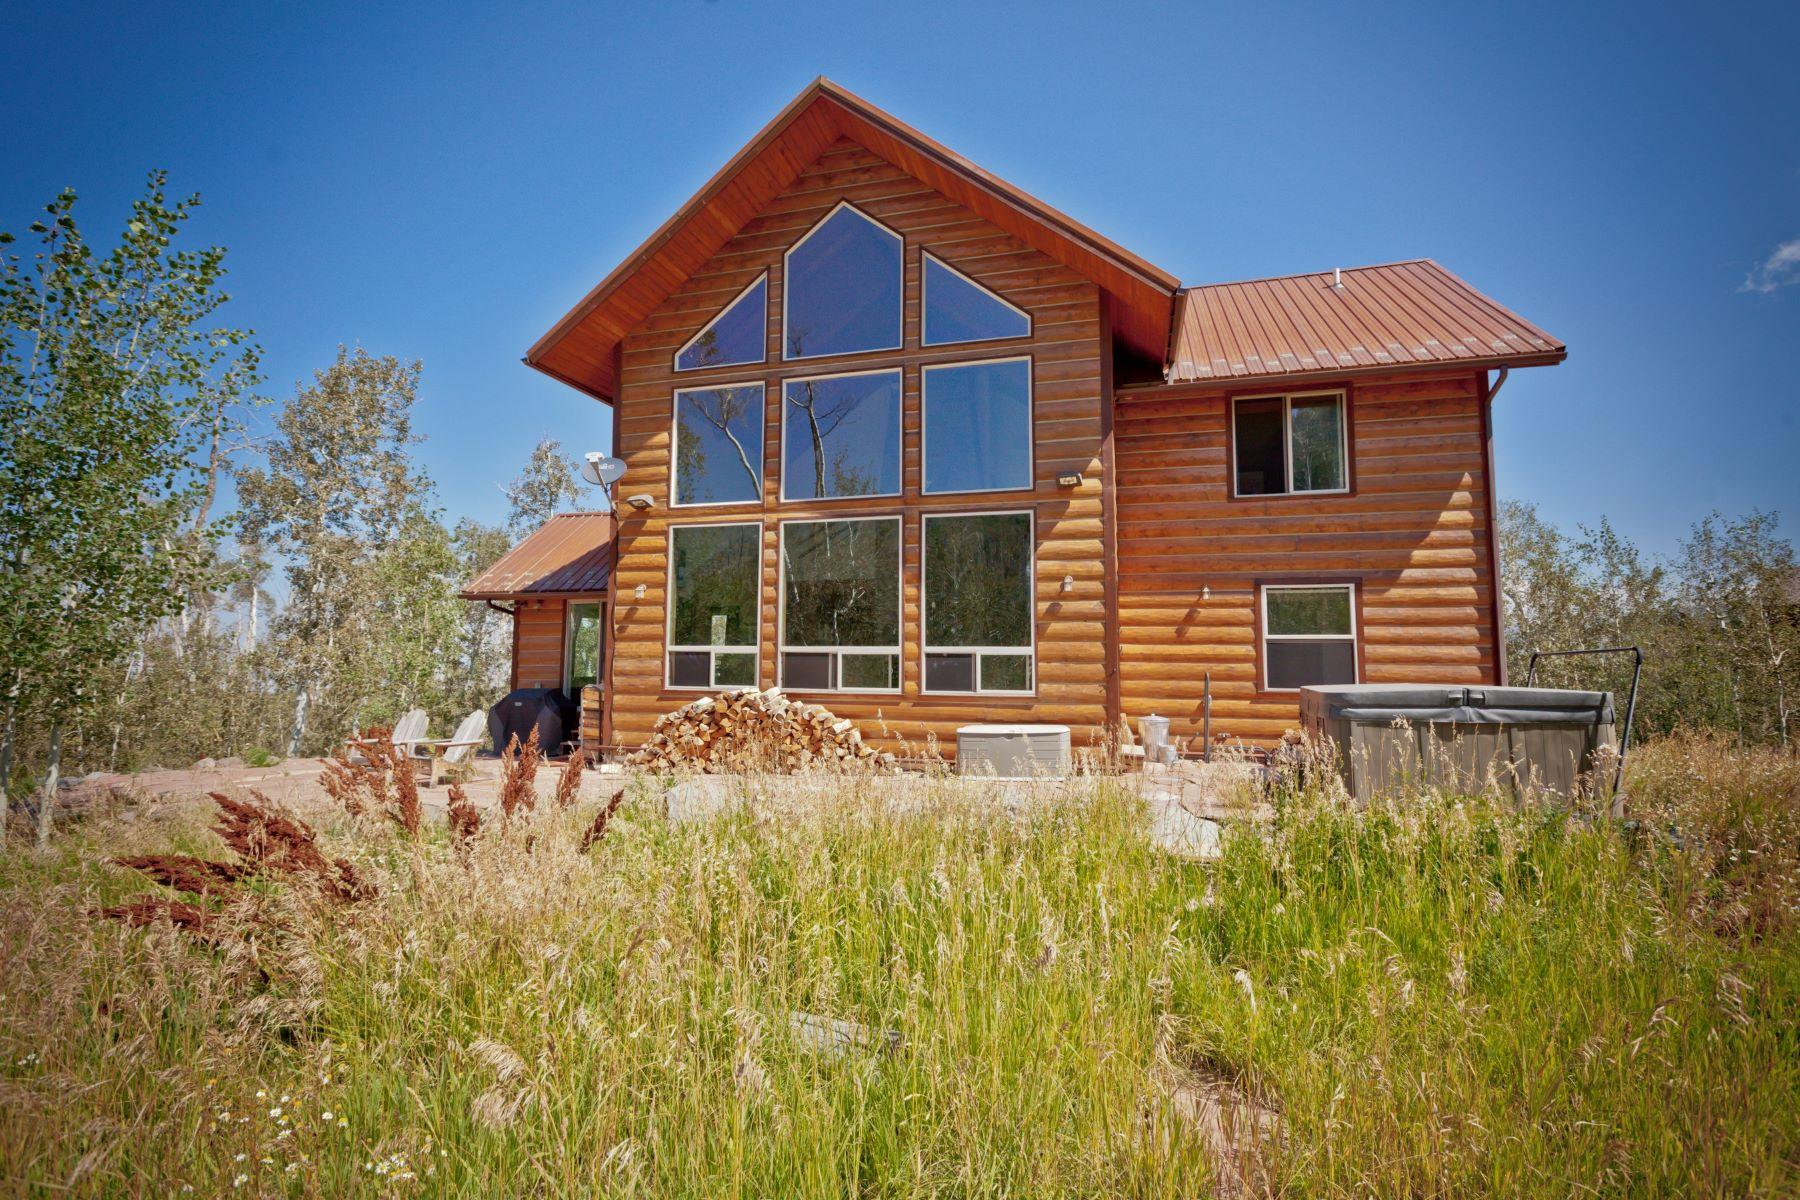 Casa Unifamiliar por un Venta en Custom Built Home at Powderhorn Ski Resort 4875 Spring Court Mesa, Colorado 81643 Estados Unidos